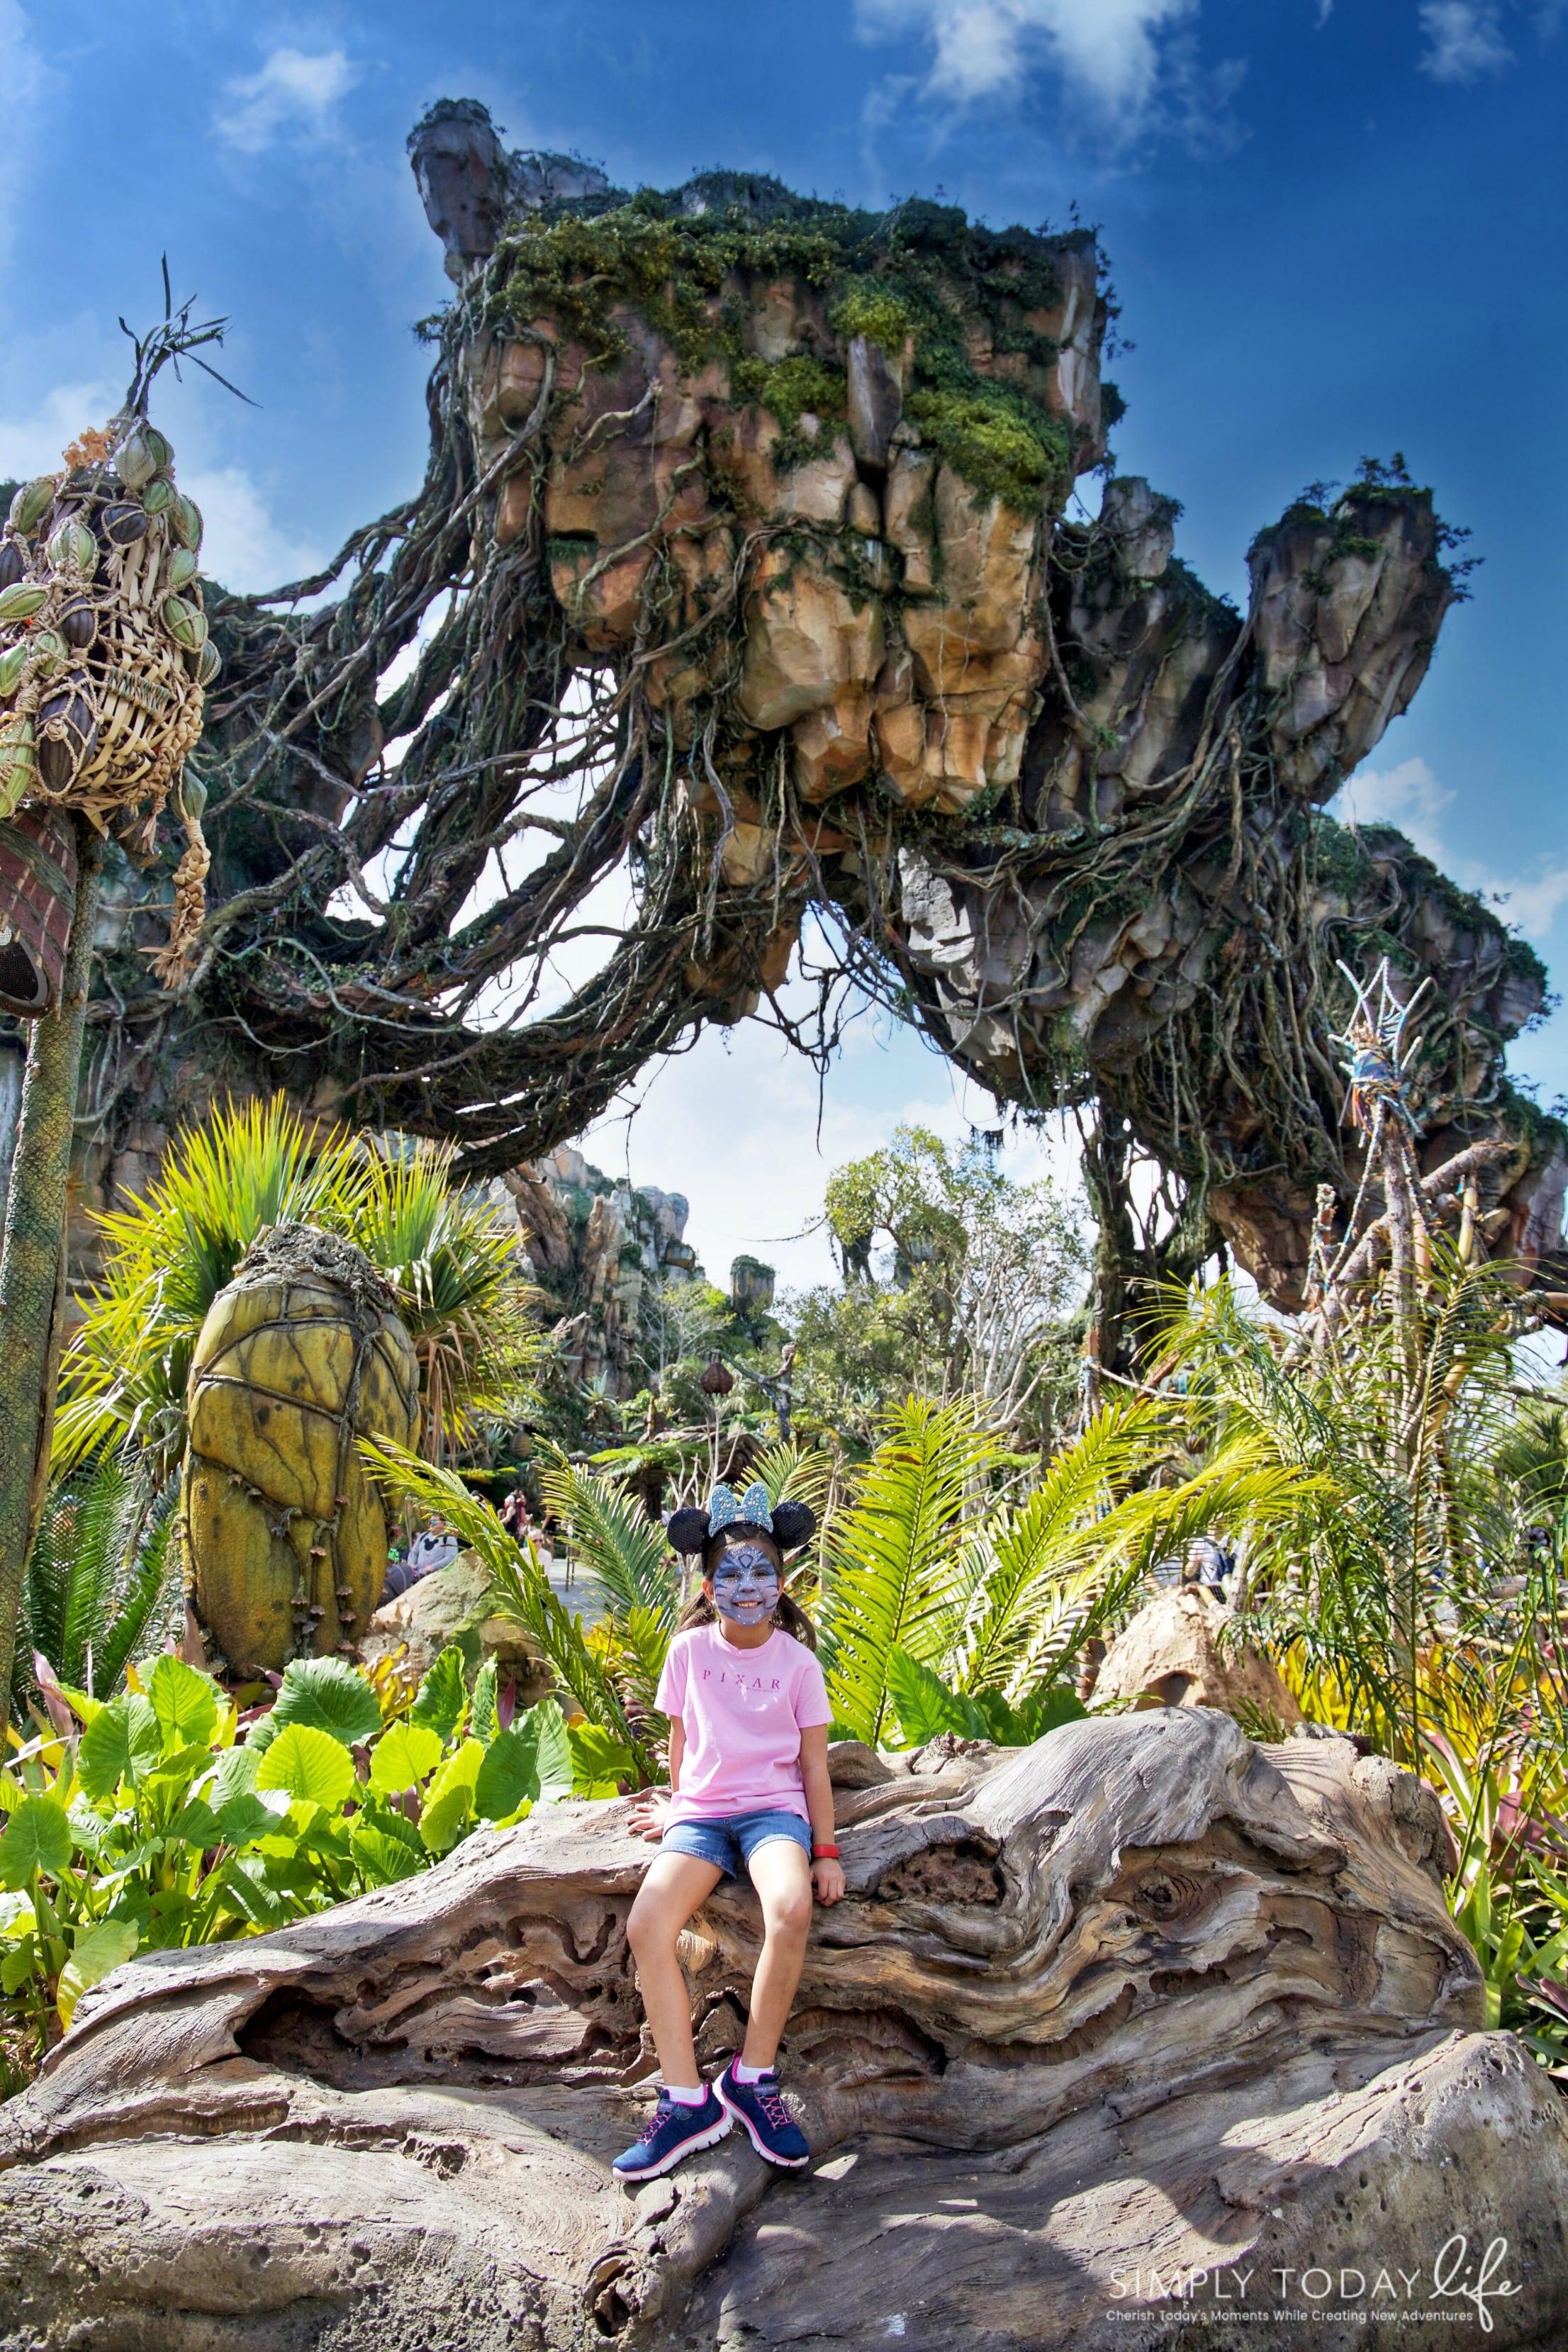 Disney's Pandora World of Avatar a Parents Guide For Kids - simplytodaylife.com